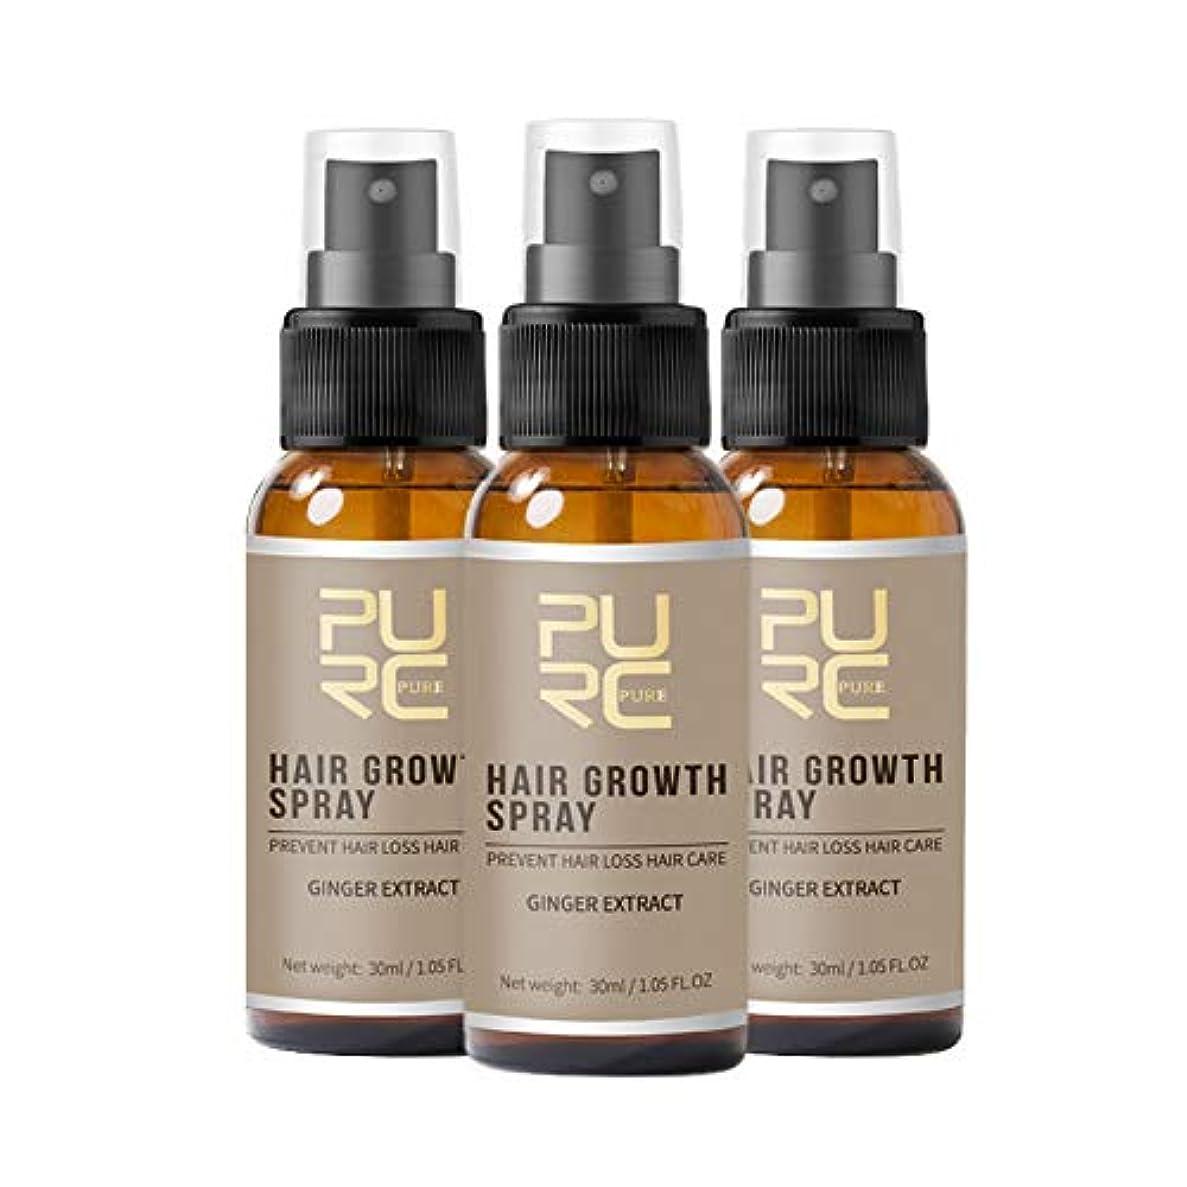 締めるモノグラフハンドブックPurc 30mlの毛の成長のスプレーの自然なショウガの本質のスプレーの有効なエキスの反毛損失は根の毛の心配の処置を養います Purc 30 ml Hair Growth Spray Natural Ginger Essence Spray Effective Extract Anti Hair Loss Nourish Root Hair Care Treatment